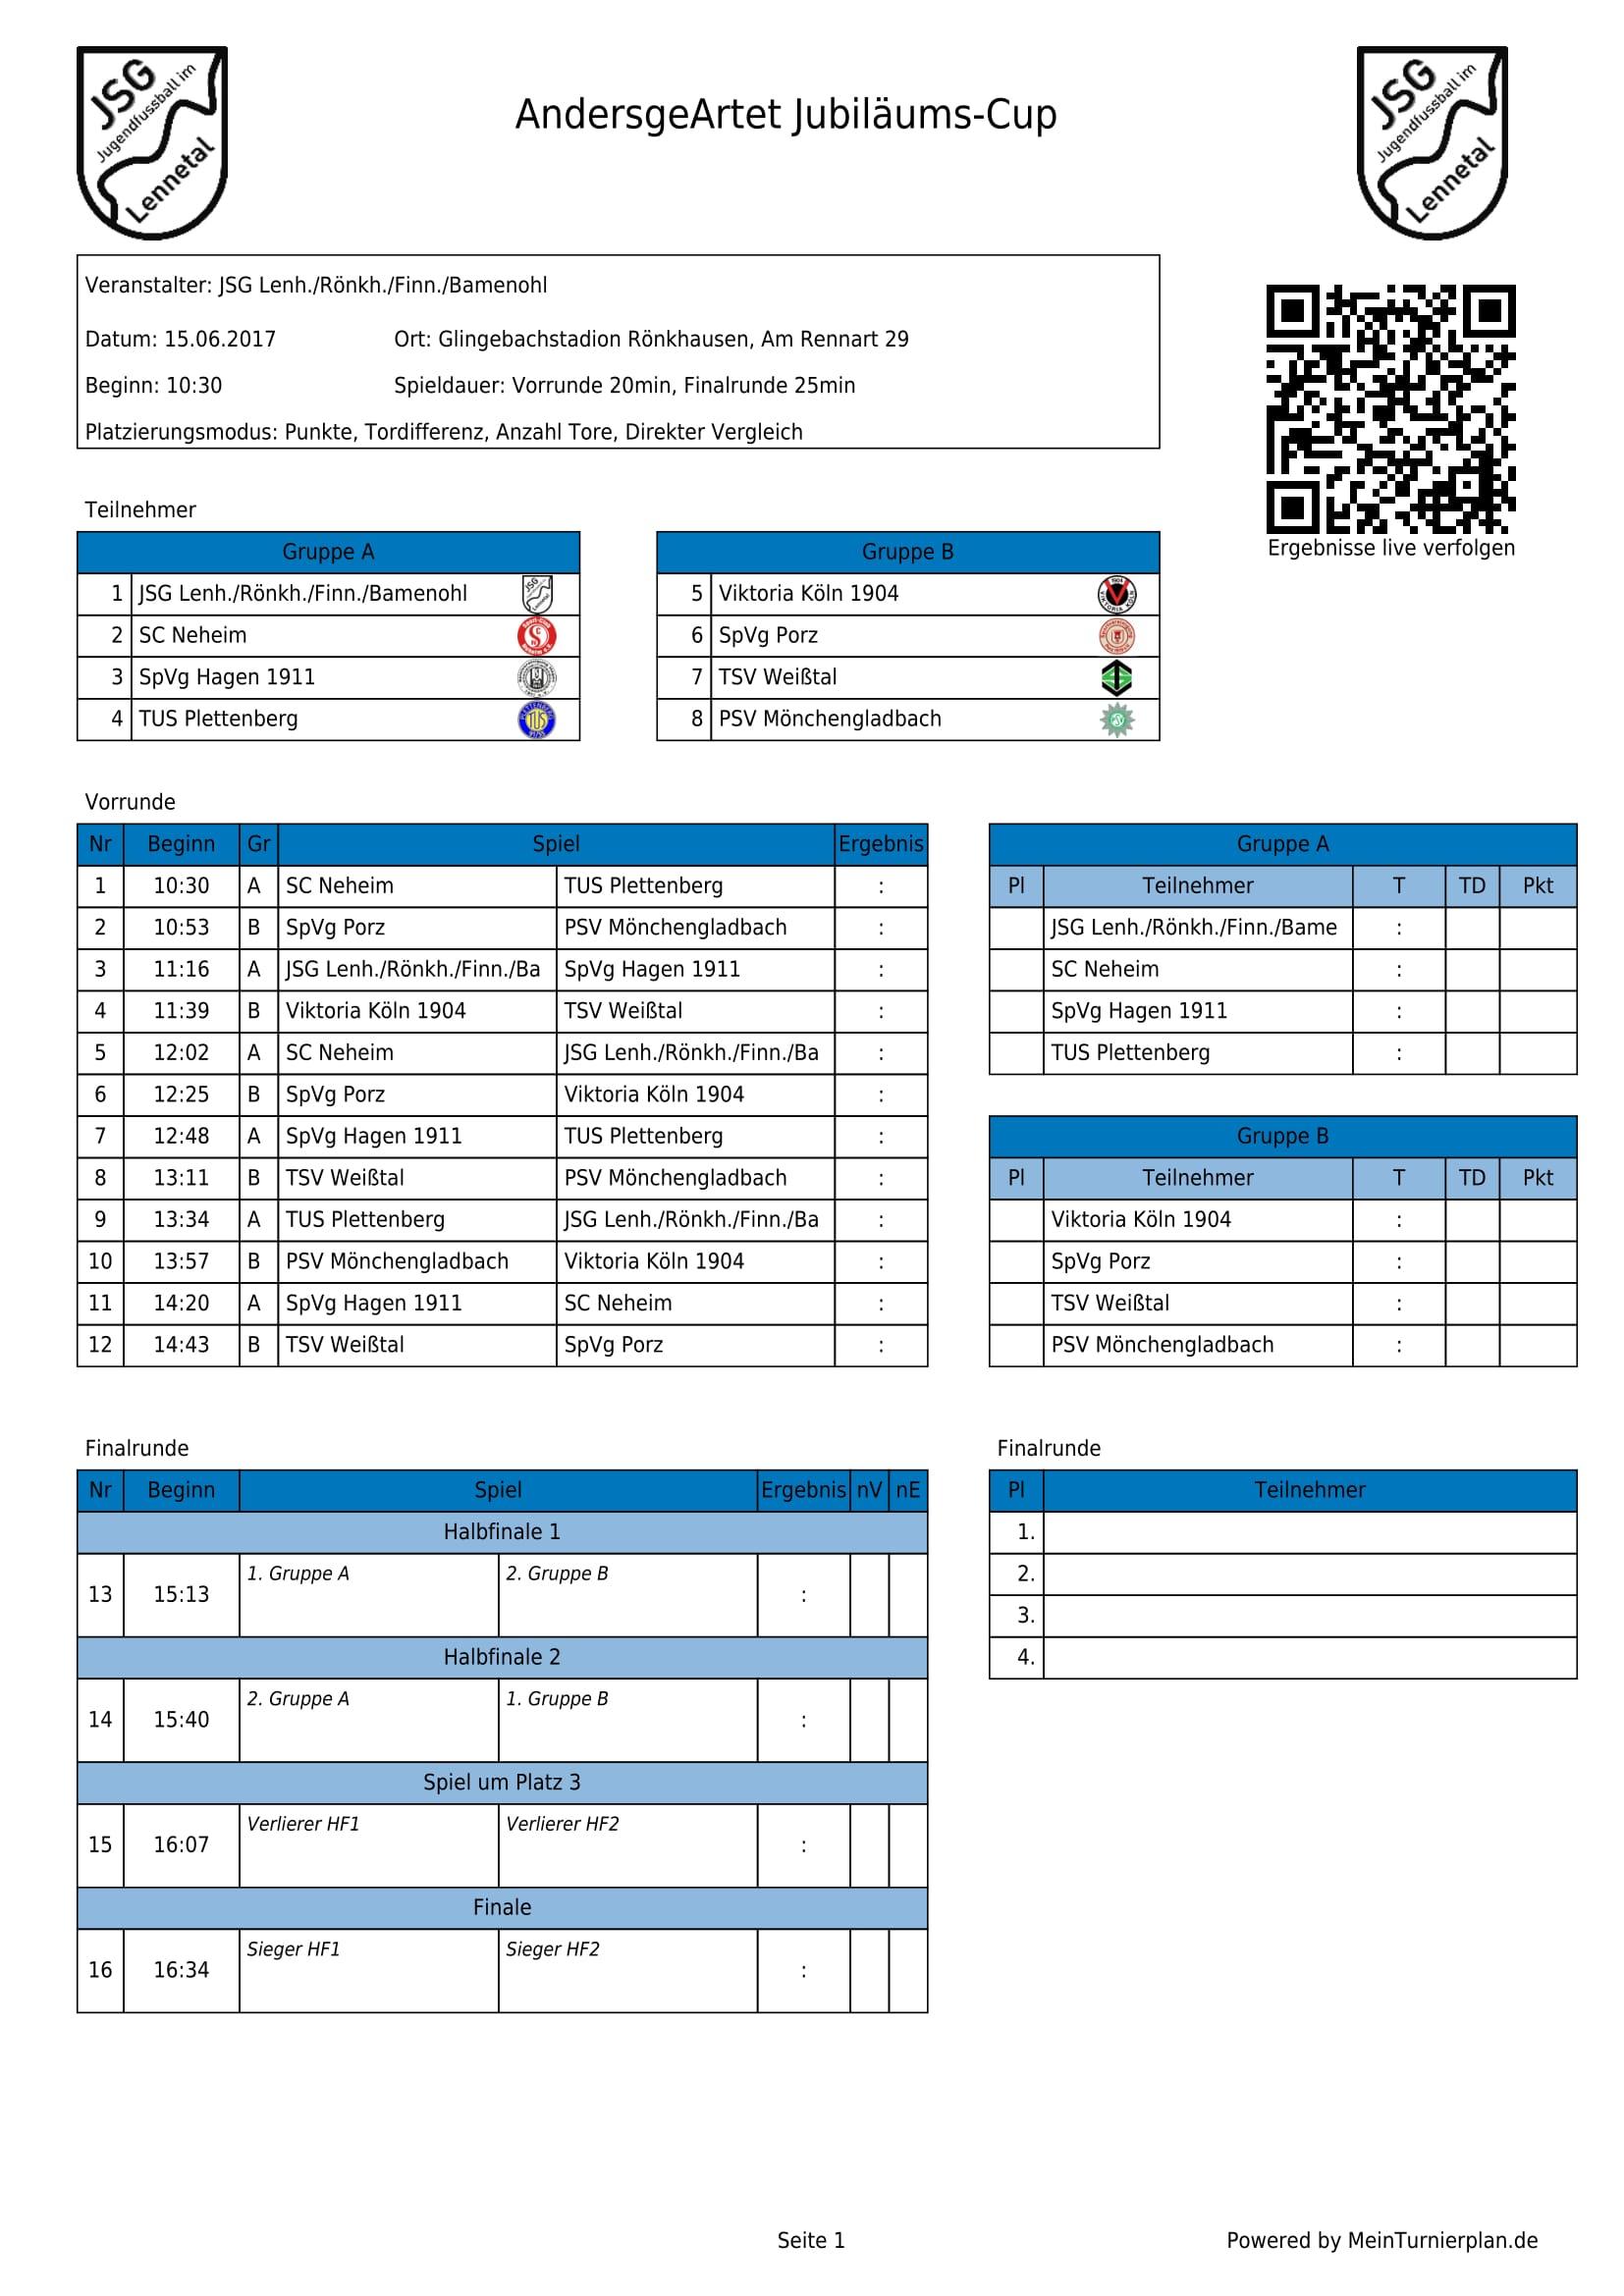 Spielplan Fronleichnamturnier AndersgeArtet Jubilaeums Cup 1